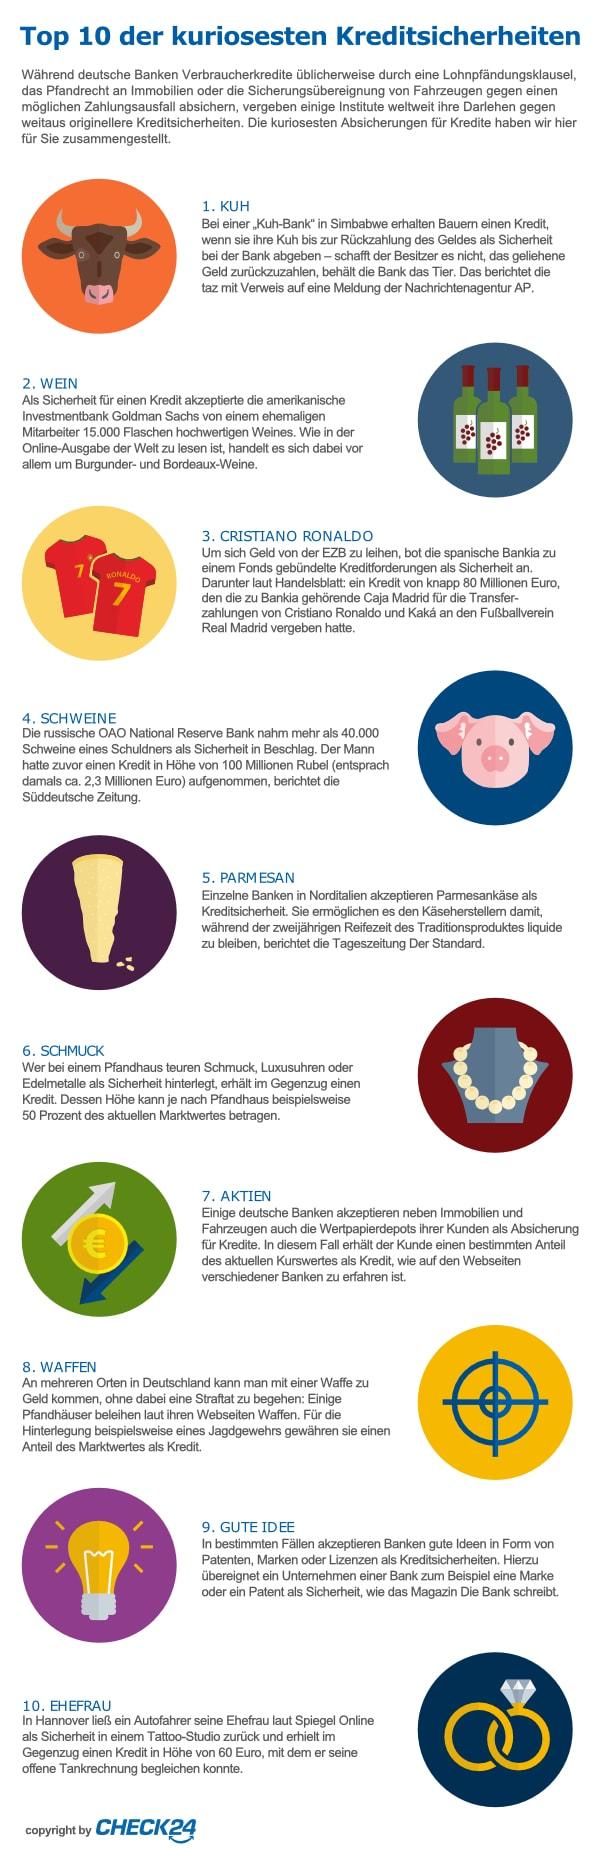 Die kuriosesten Kreditsicherheiten weltweit | CHECK24